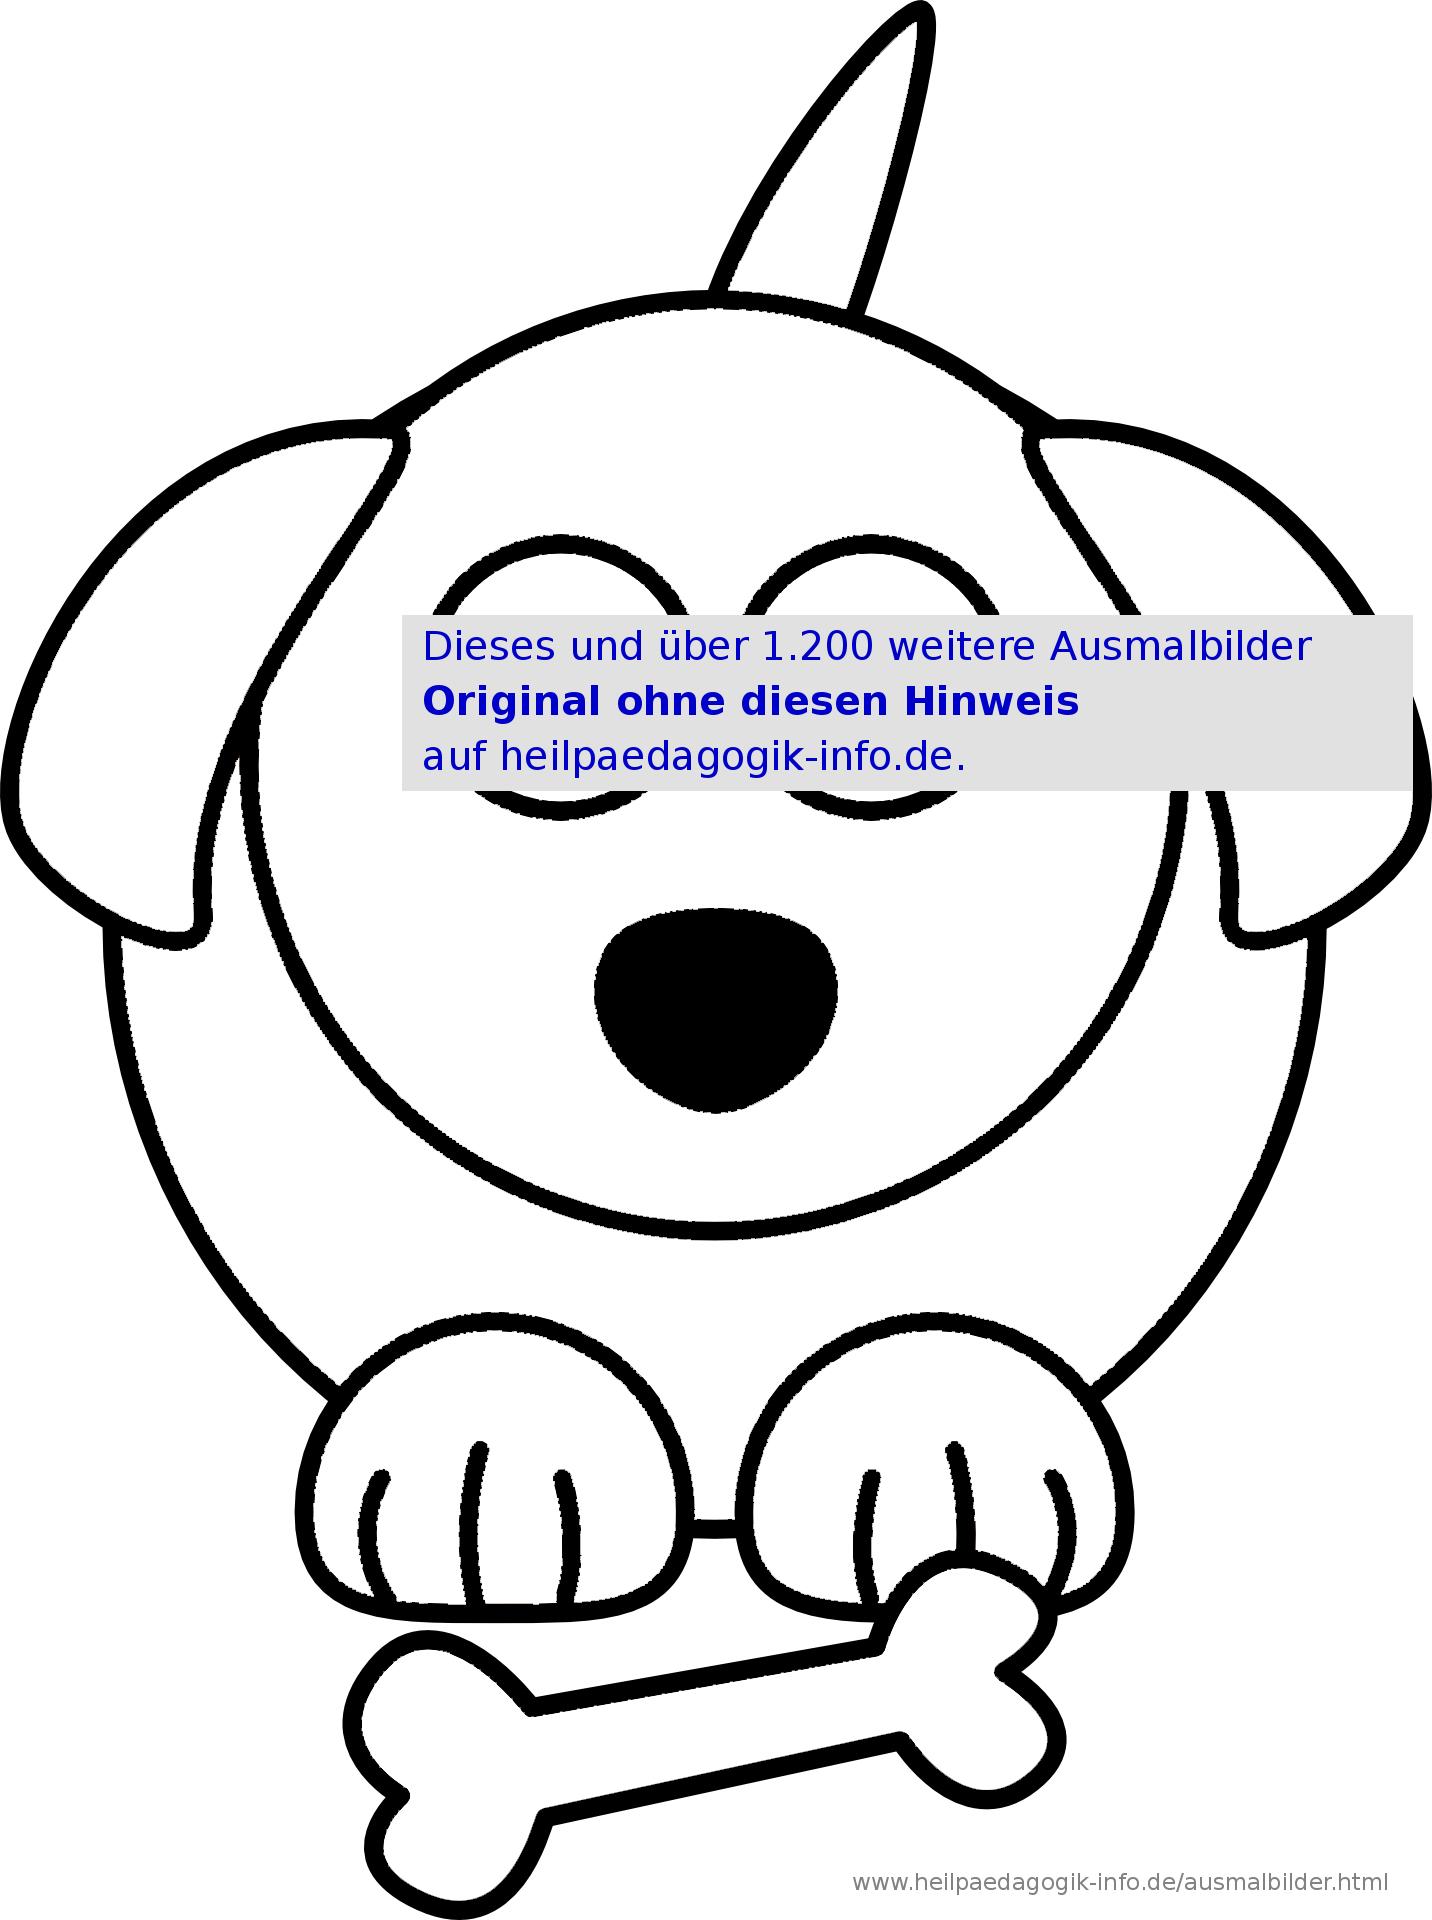 Ausmalbilder Hunde verwandt mit Ausmalbilder Von Hunden